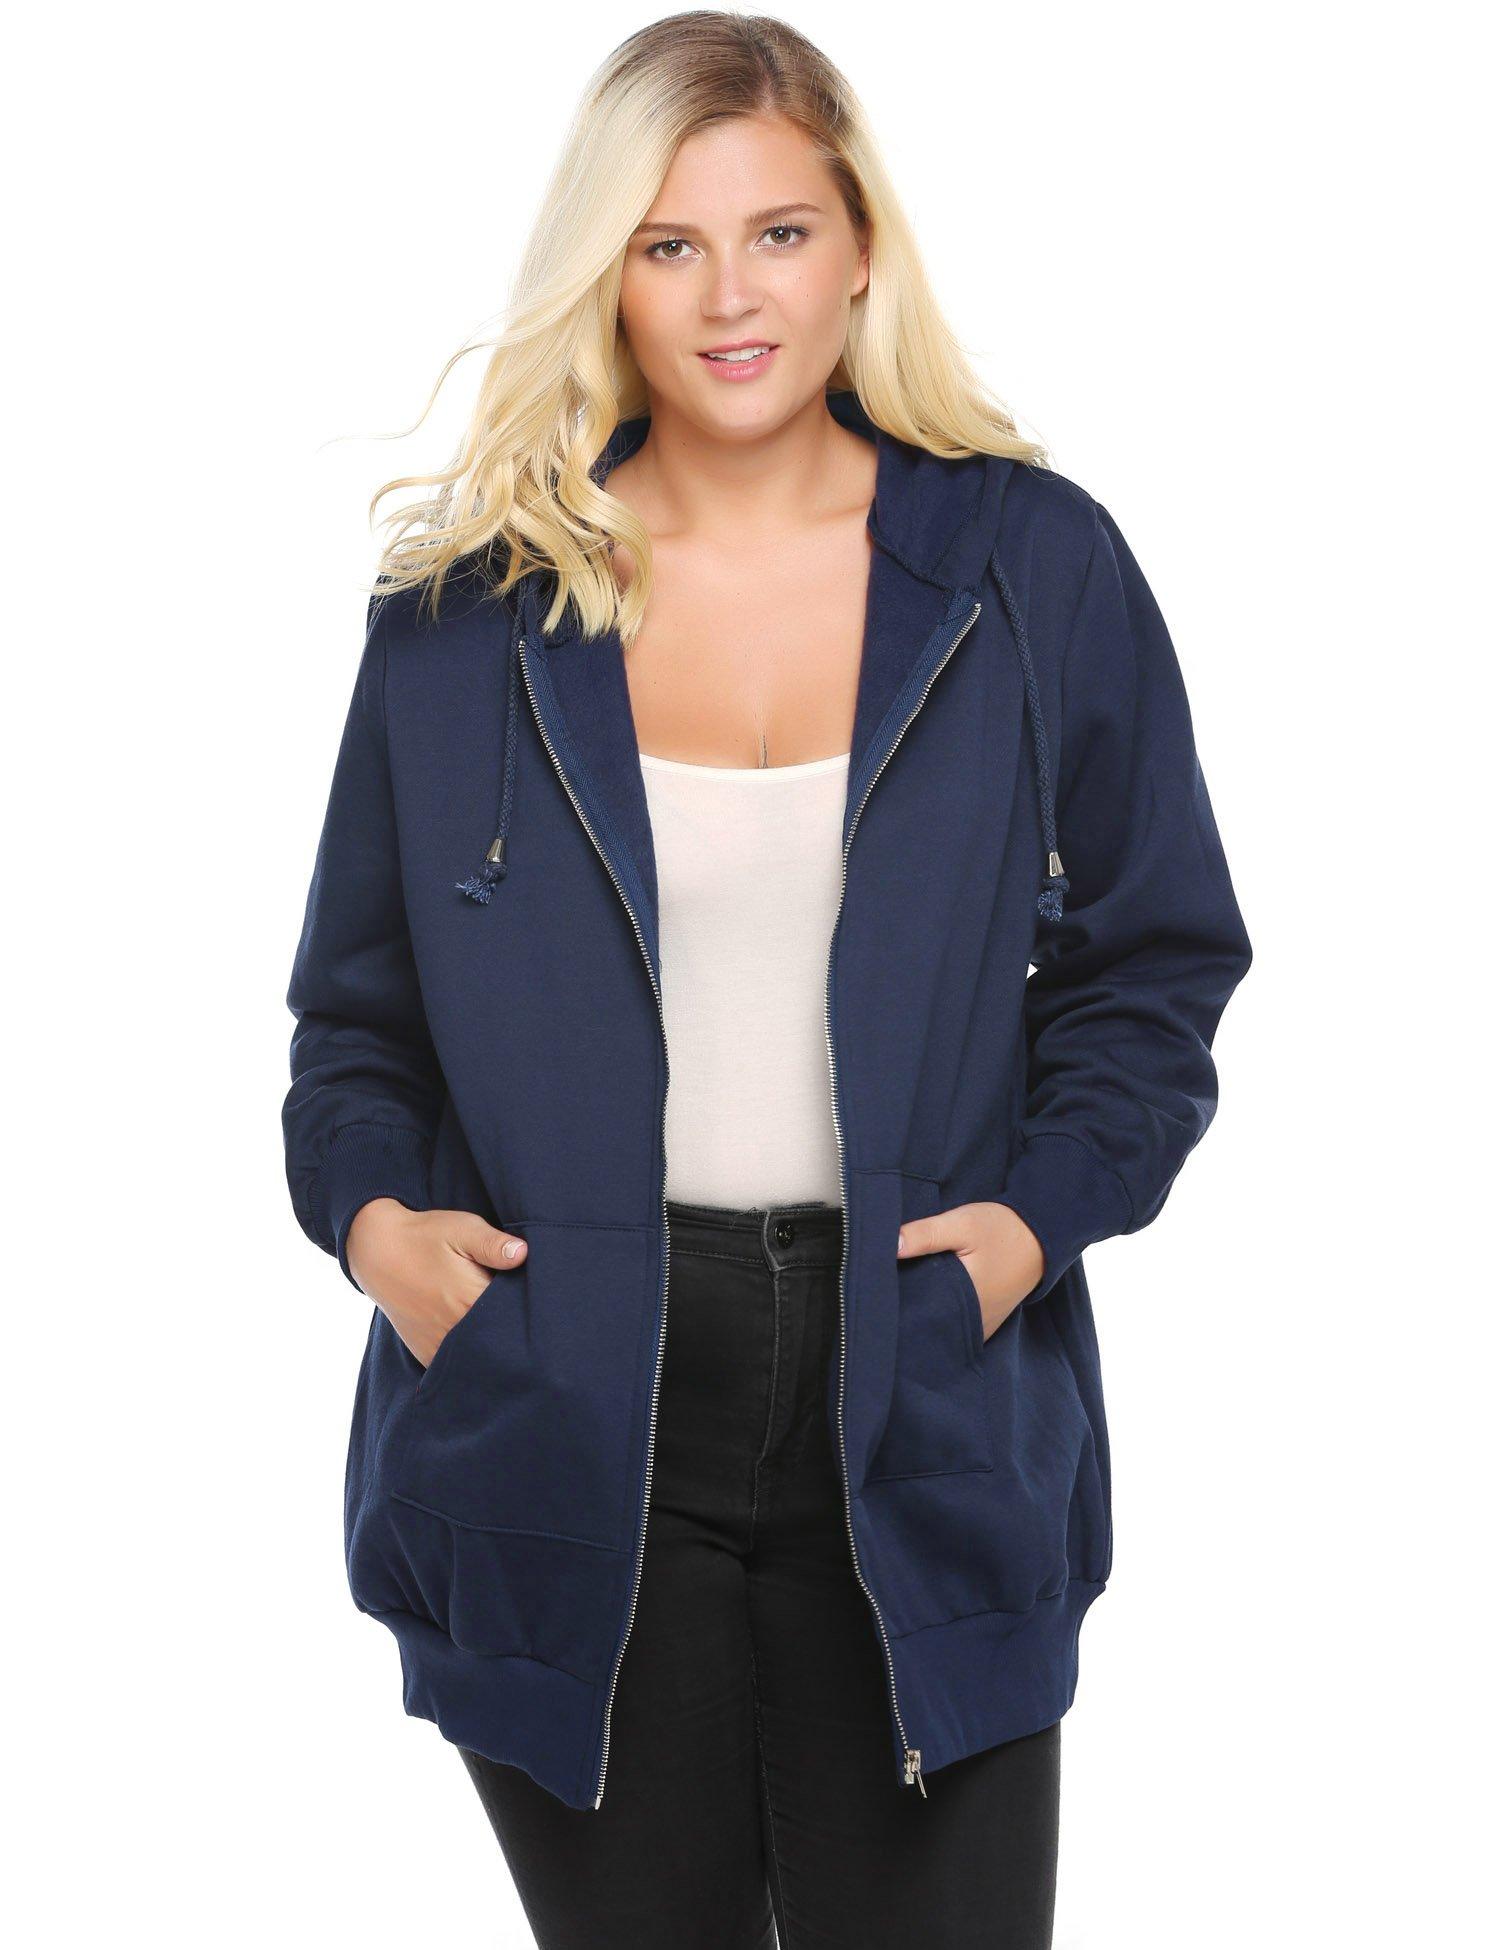 Involand Women Casual Zip up Fleece Hoodies Tunic Sweatshirt Long Hoodie Jacket